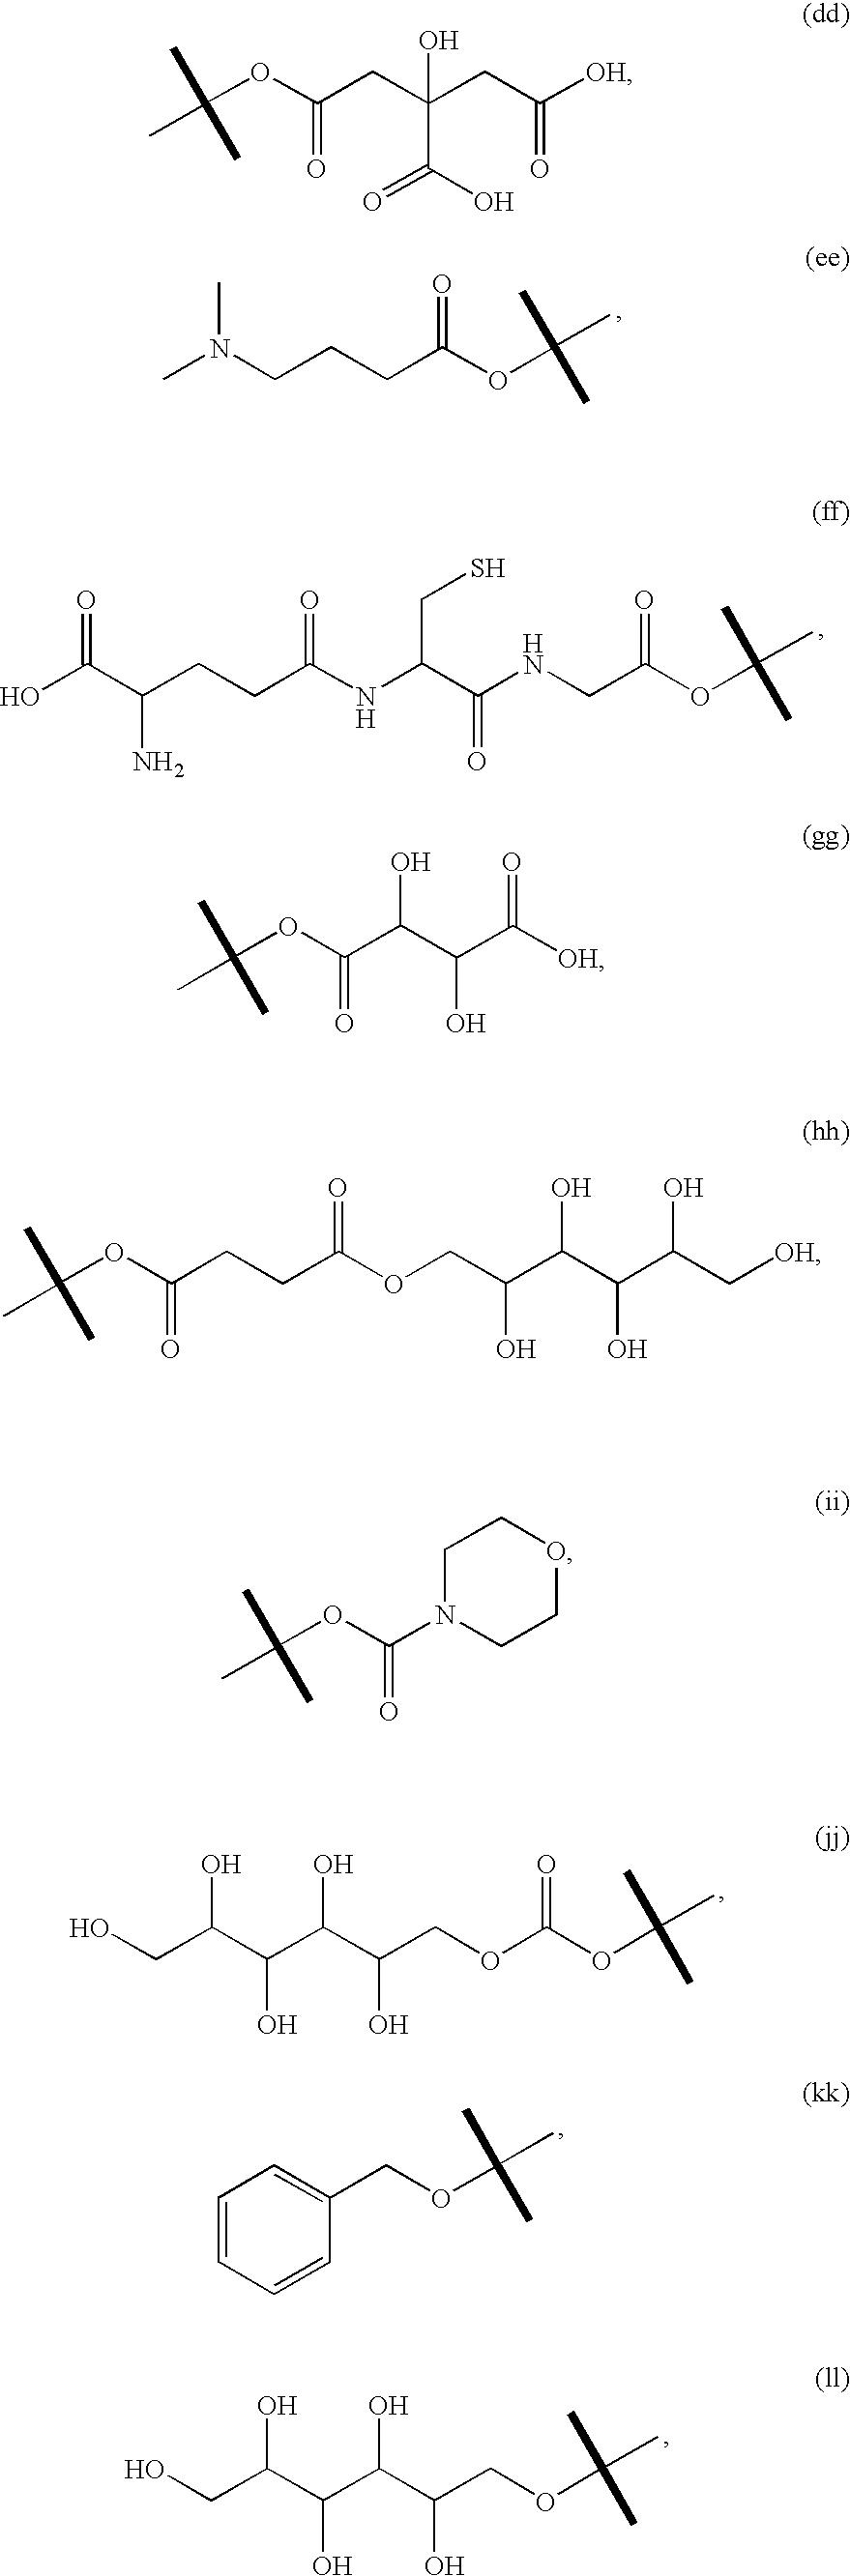 Figure US07145025-20061205-C00008